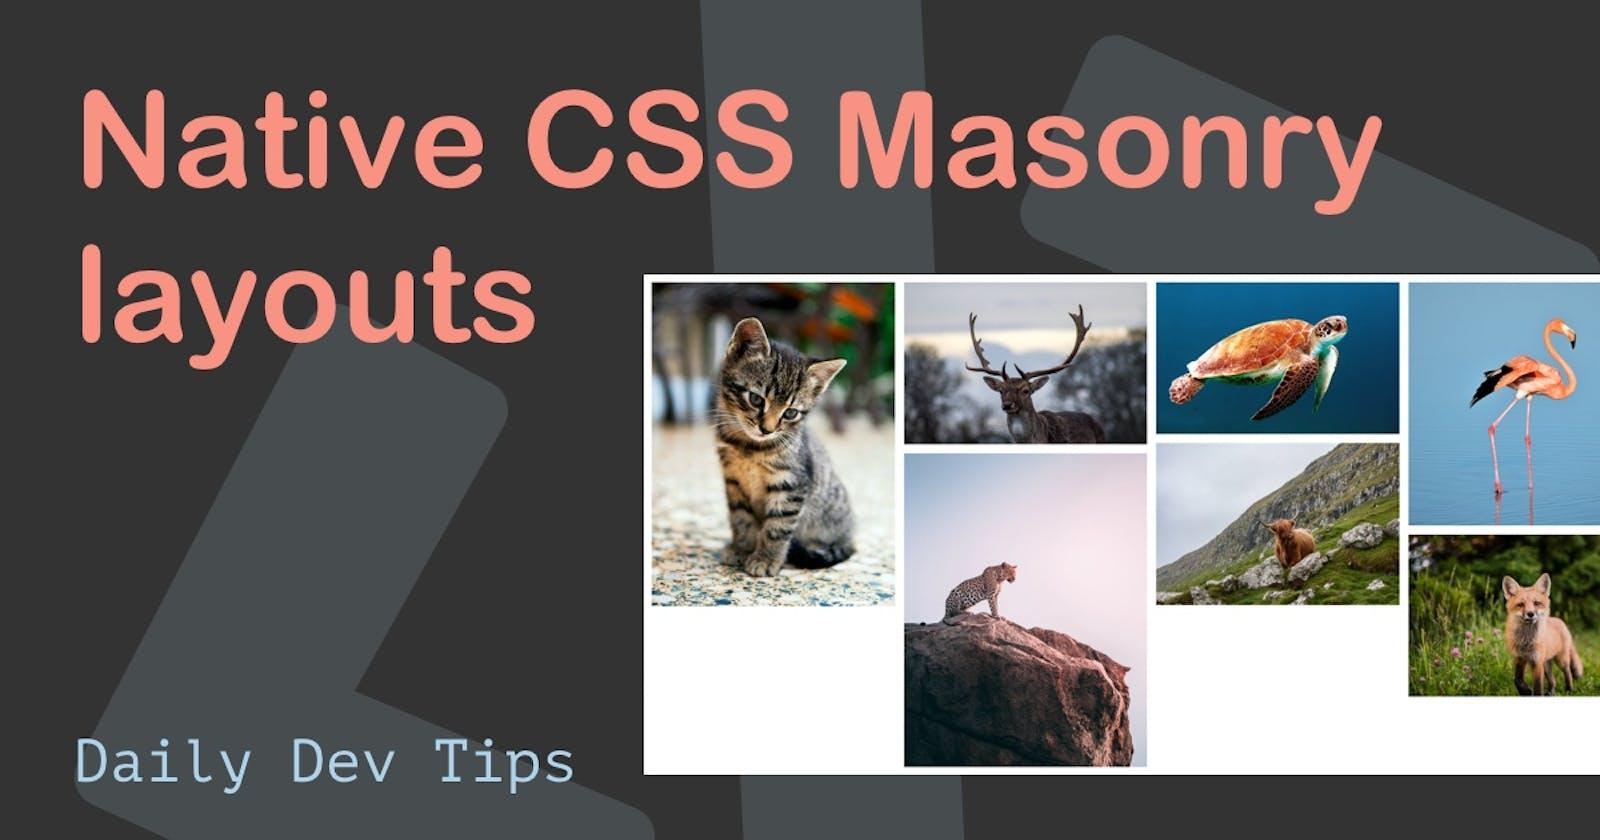 Native CSS Masonry layouts